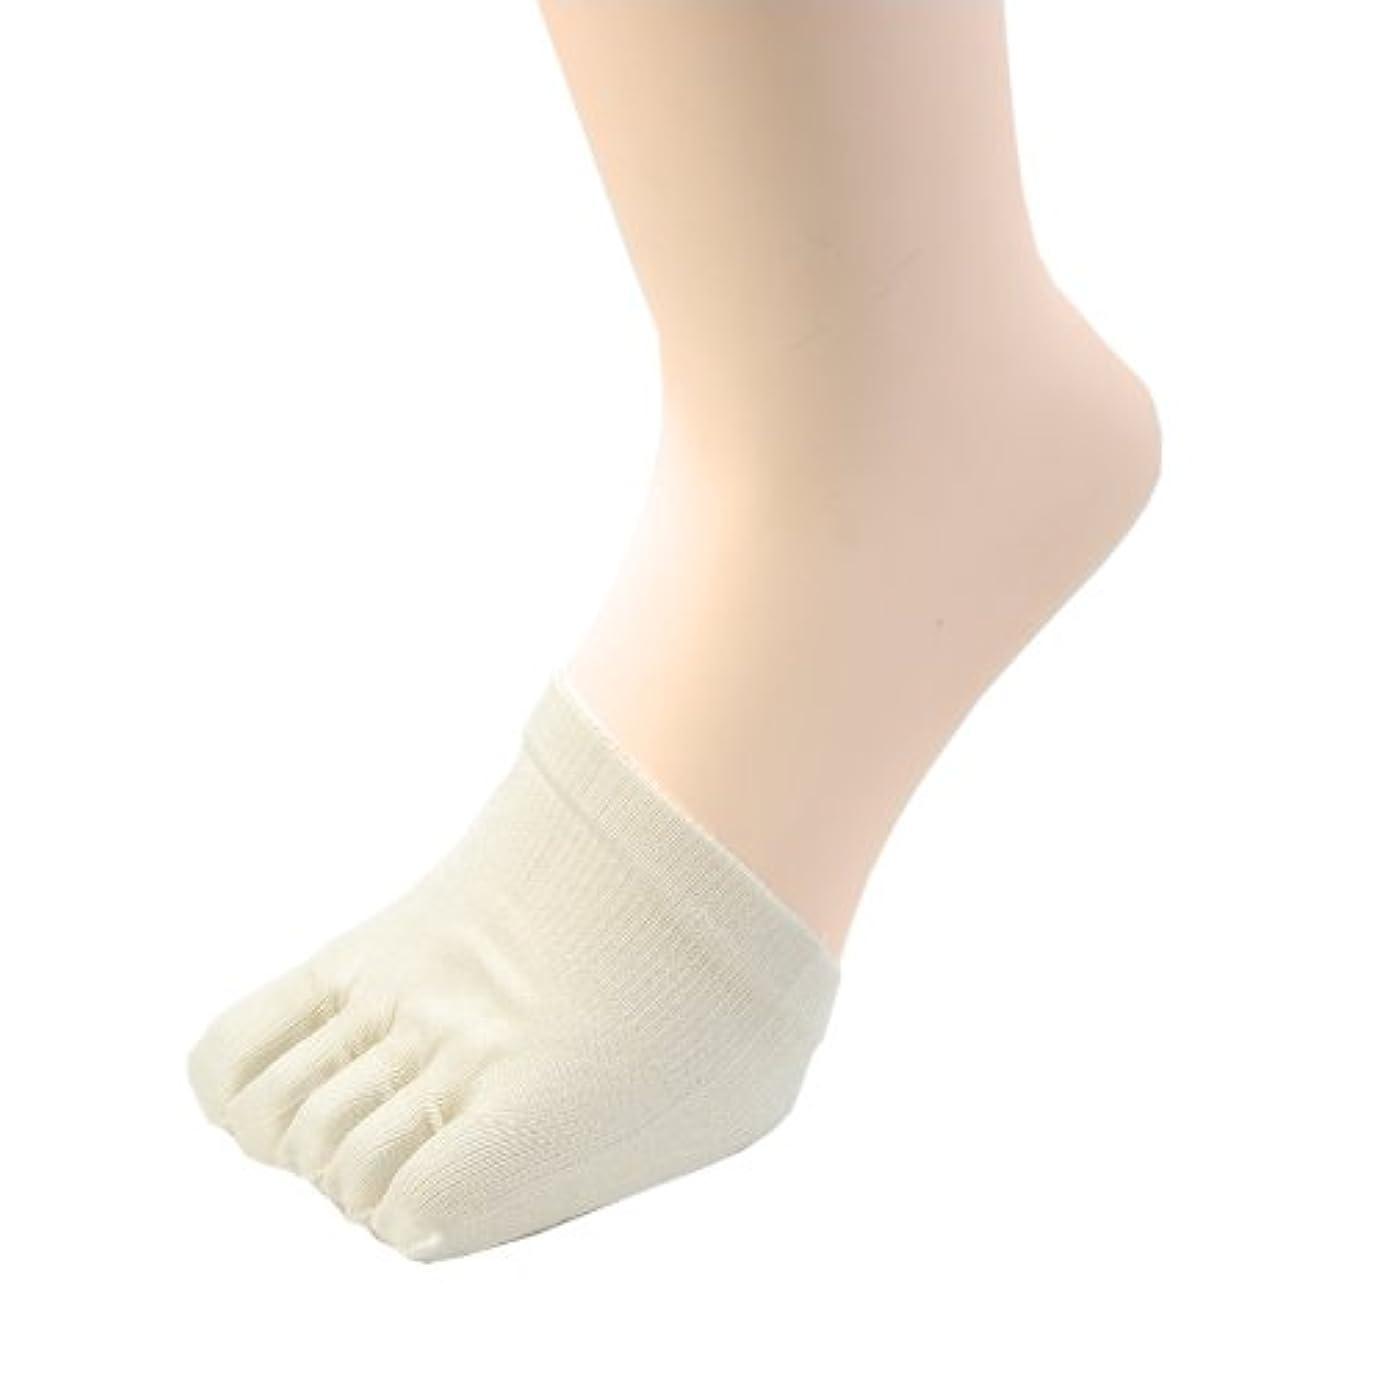 起こりやすい非武装化極小冷えとり 絹 ( シルク )100% ハーフ 5本指 下履き (クツしたイン) ソックス 着圧健康ソックスの必需品! 2足組 #685